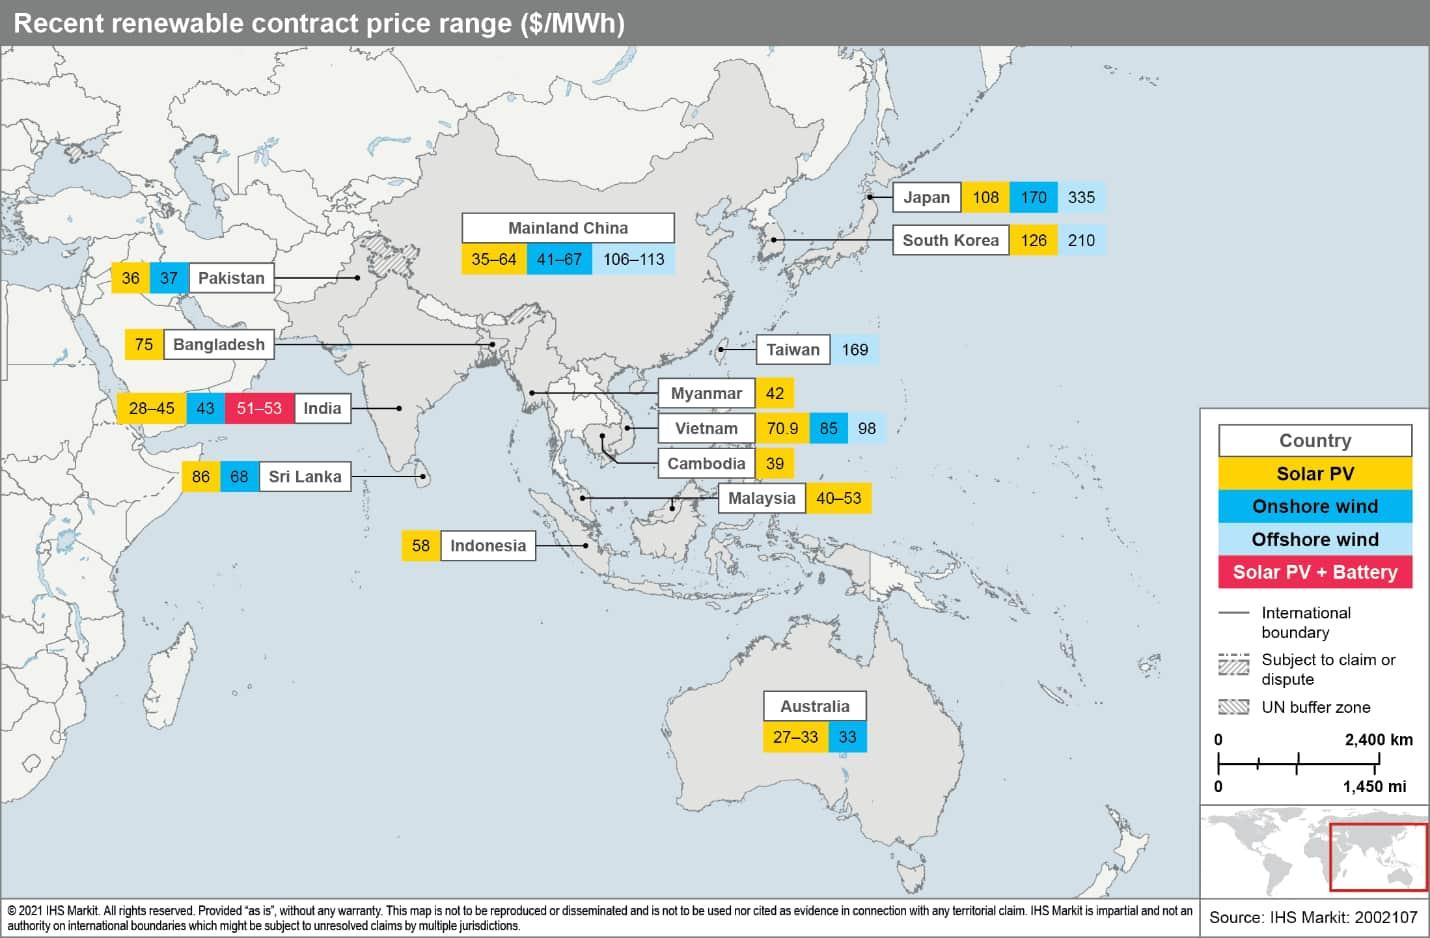 Recent renewable contract price range ($/MWh)